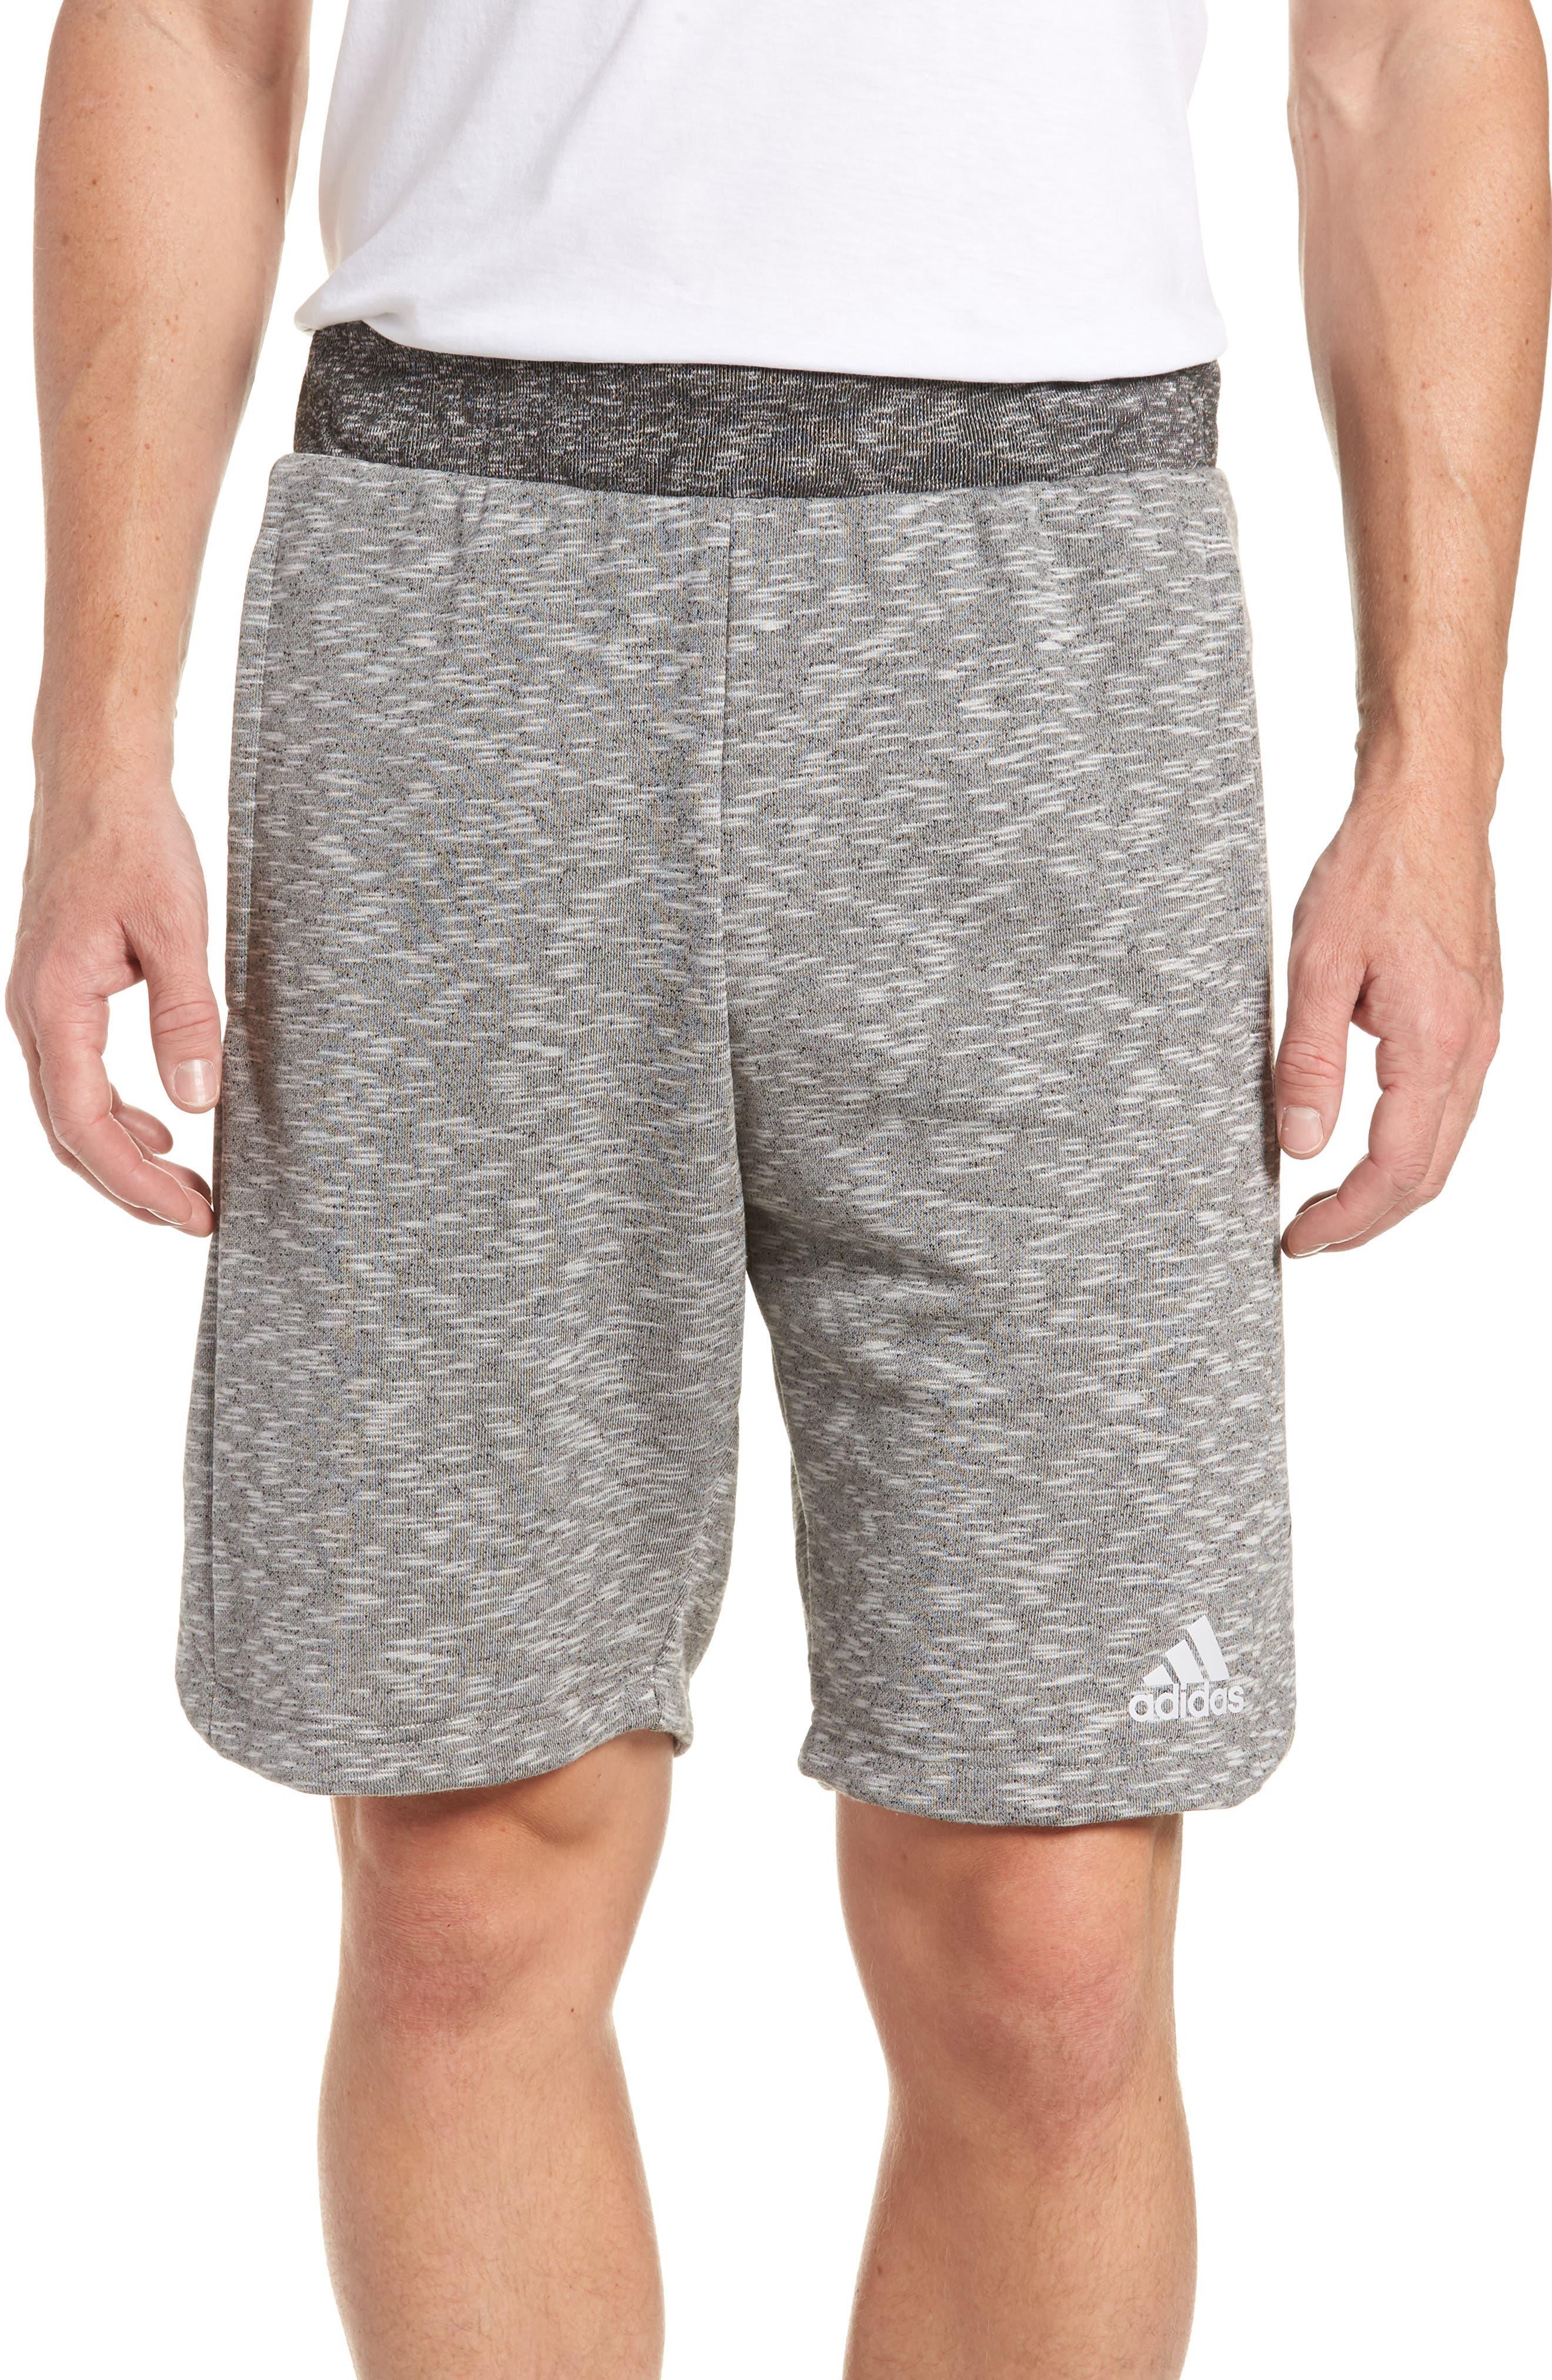 Pick Up Knit Shorts,                         Main,                         color, Lgh Solid Grey